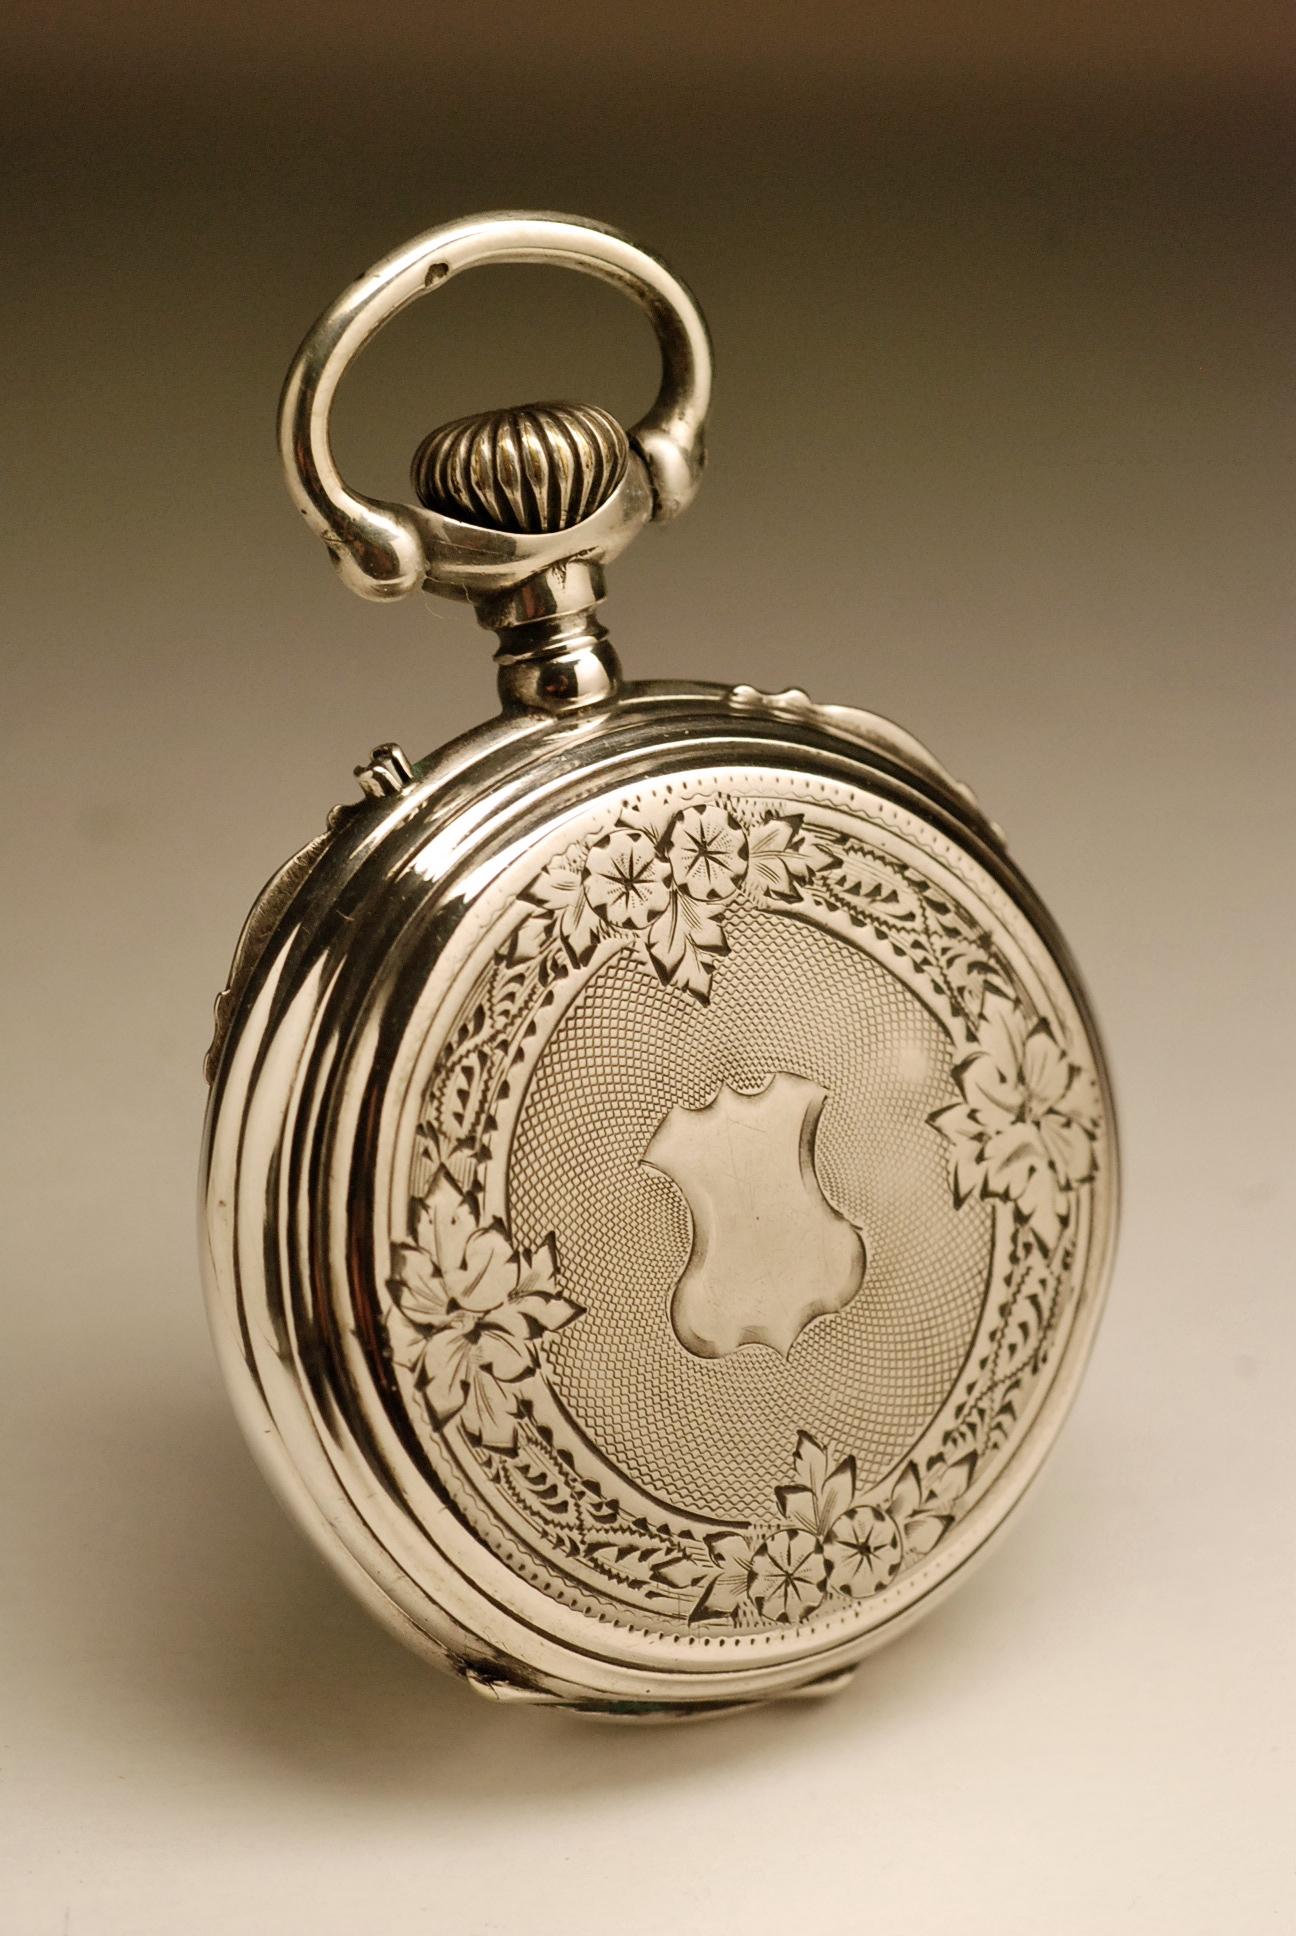 montre ancienne gousset art nouveau en argent 1890 silver. Black Bedroom Furniture Sets. Home Design Ideas